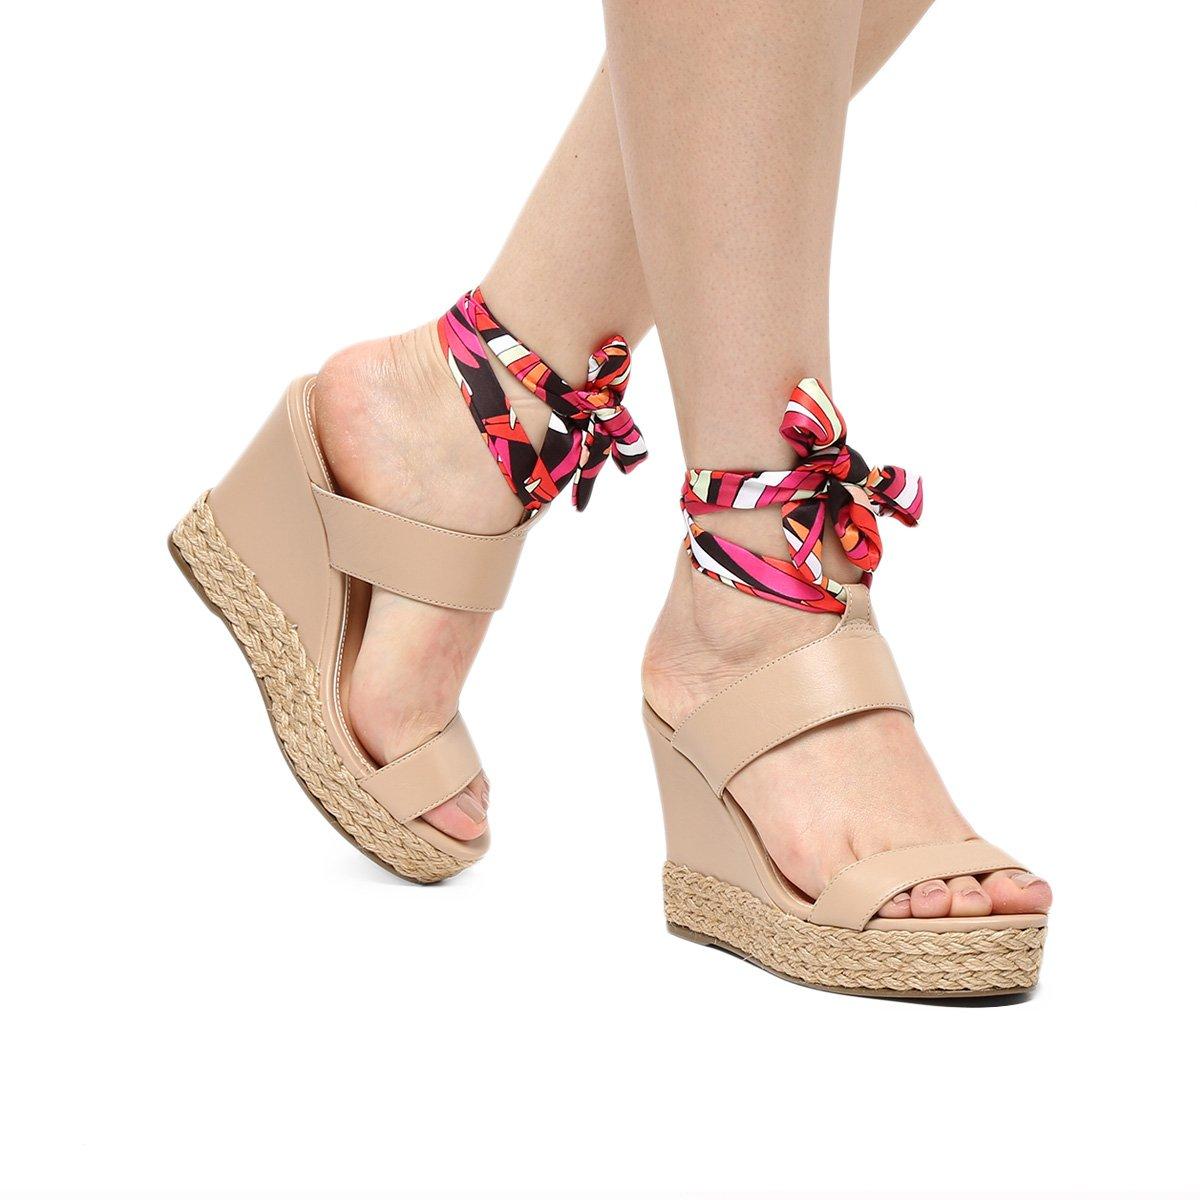 Foto 1 - Sandália Plataforma Shoestock Lenço Corda Feminina